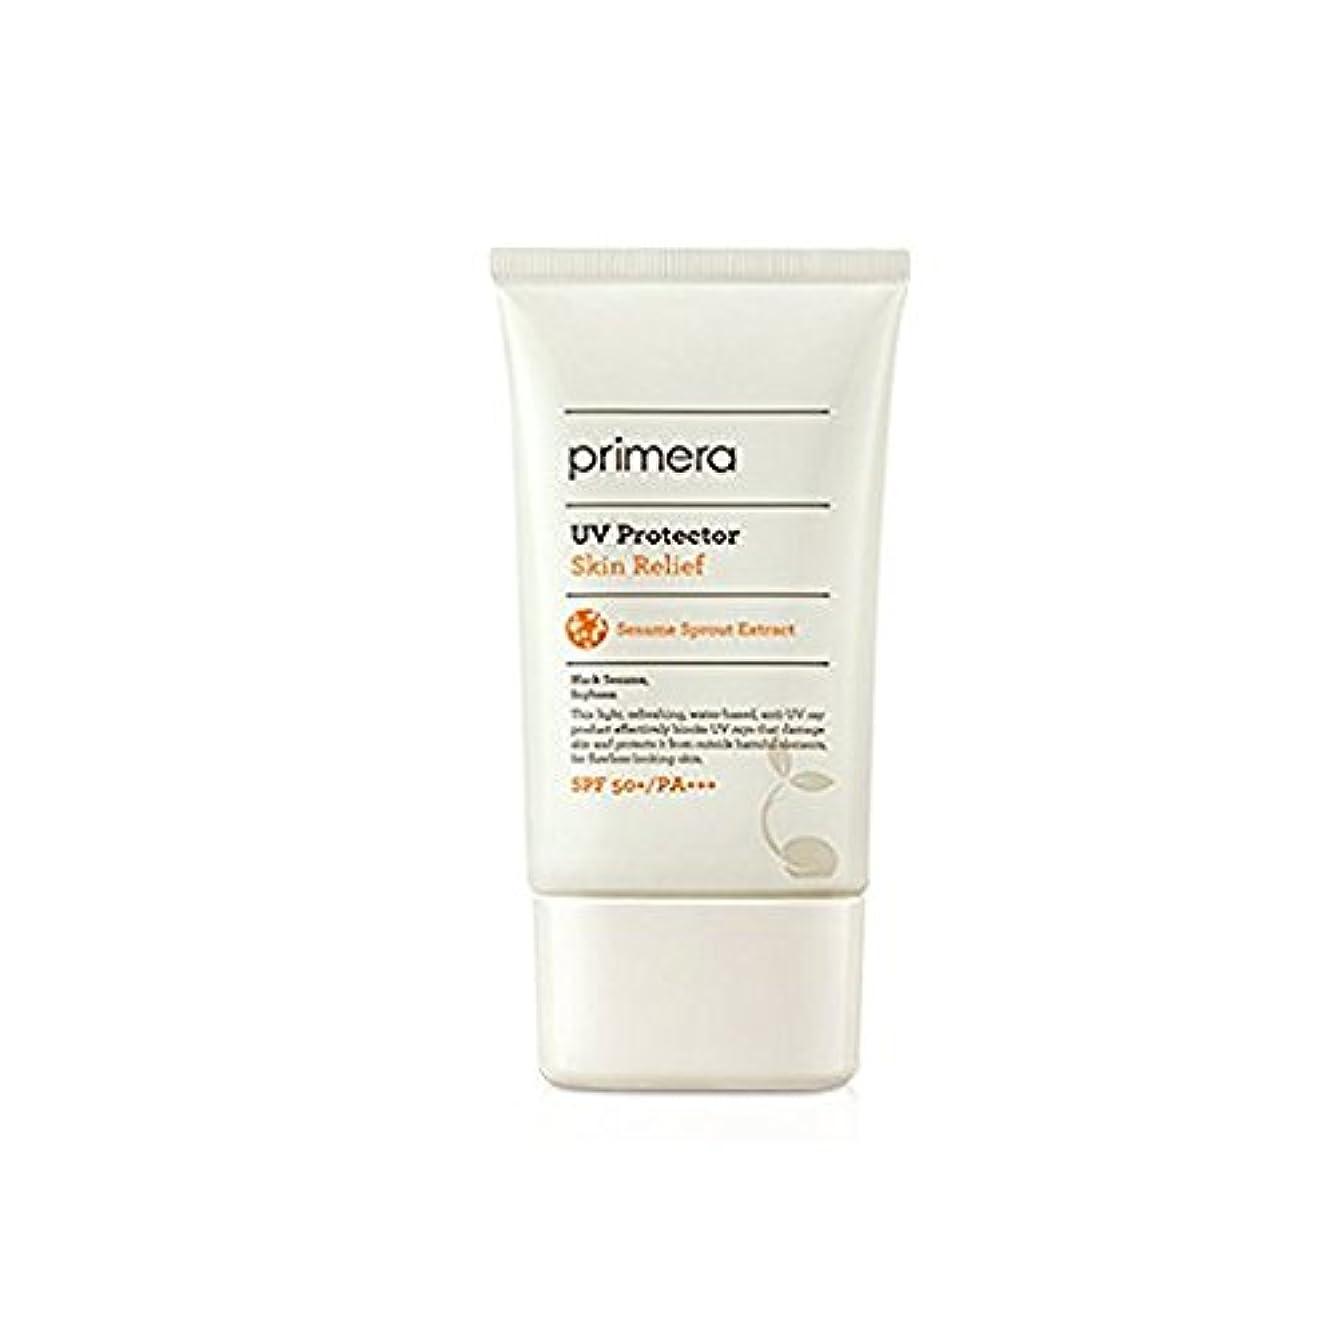 (プリメラ) スキン リリーフ UV プロテクター SPF 50+ PA+++ 50ml /Skin Relief UV Protector SPF 50+ PA+++ 50ml[海外直送品] [並行輸入品]